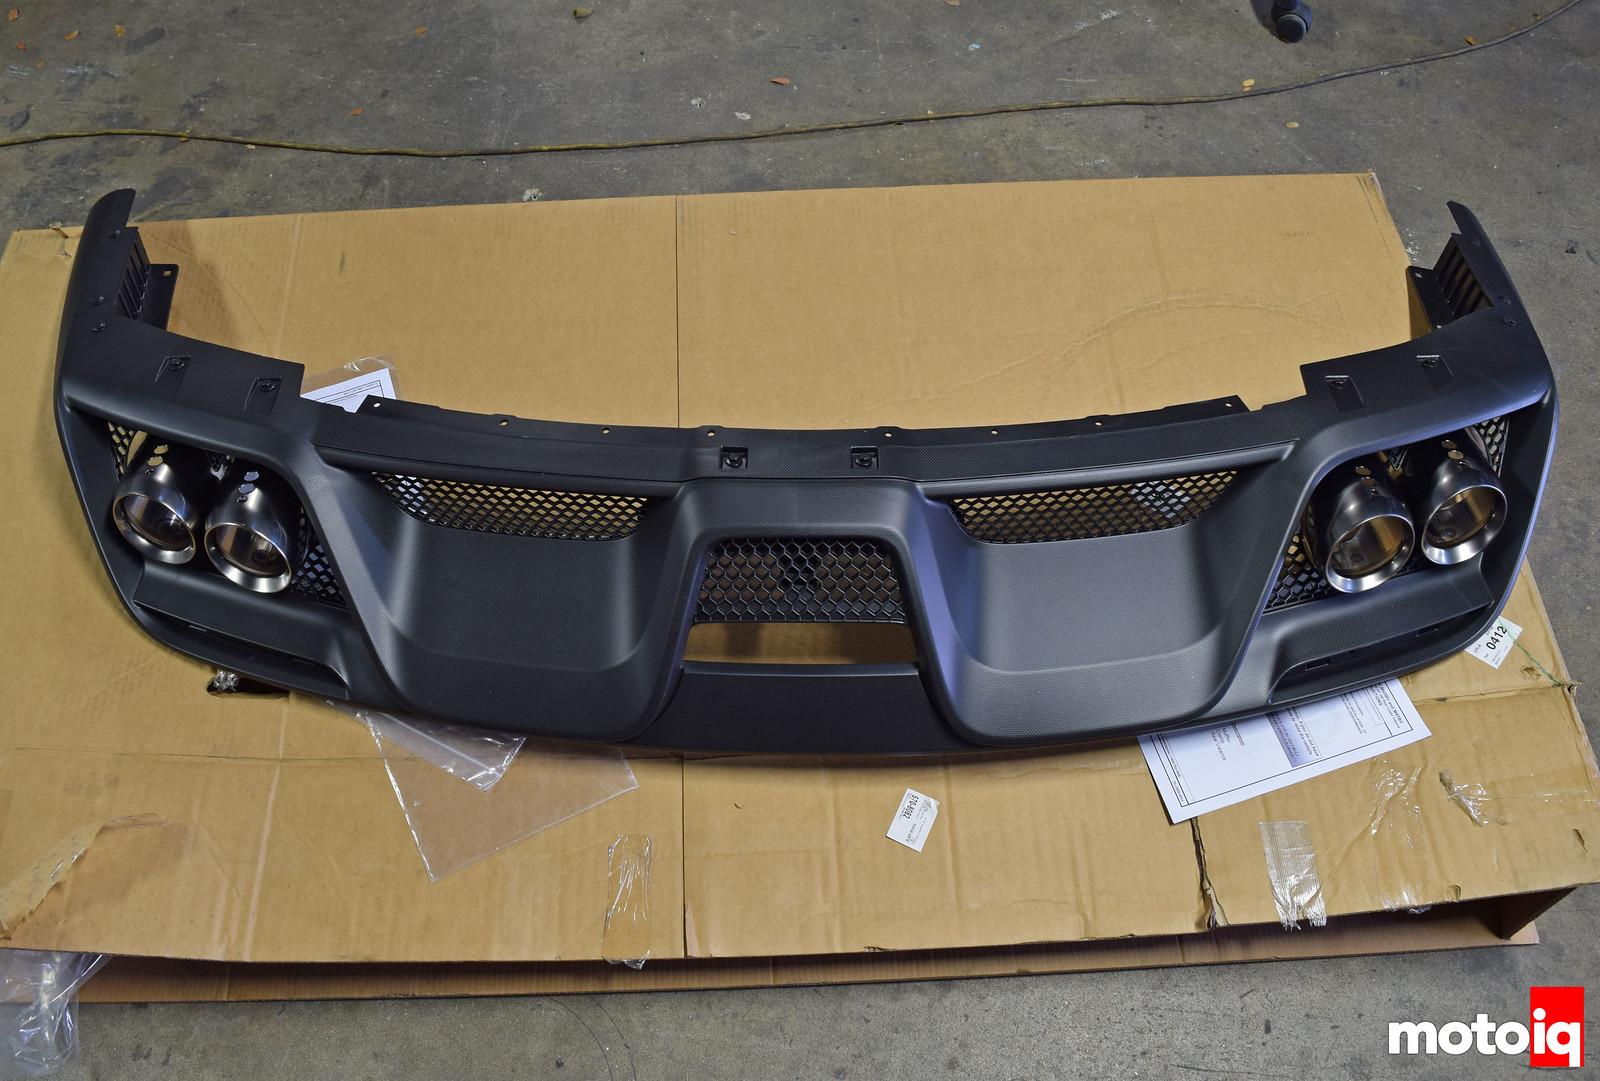 Shelby GT350 lower valence